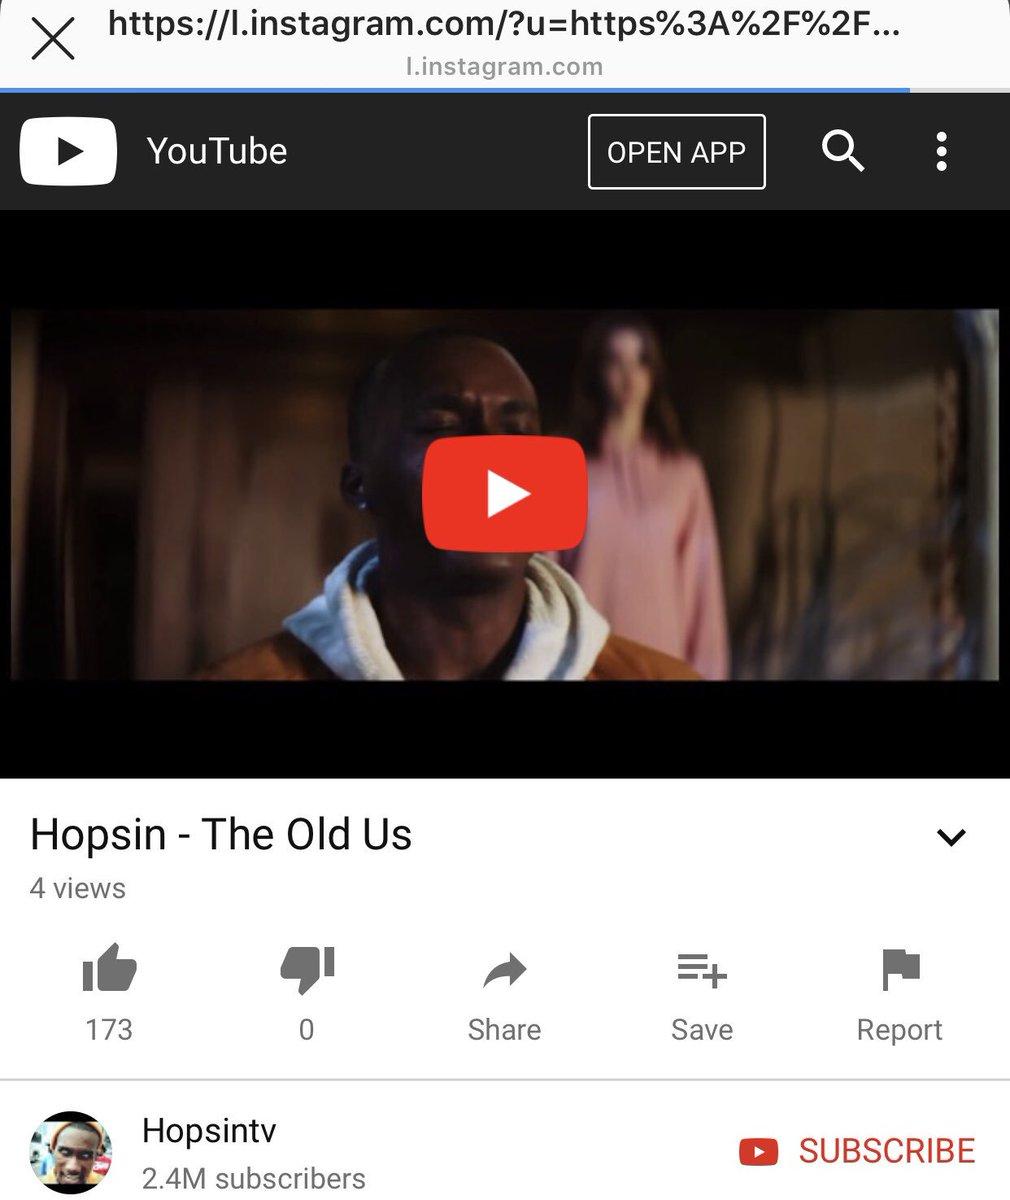 Hopsin on Twitter: